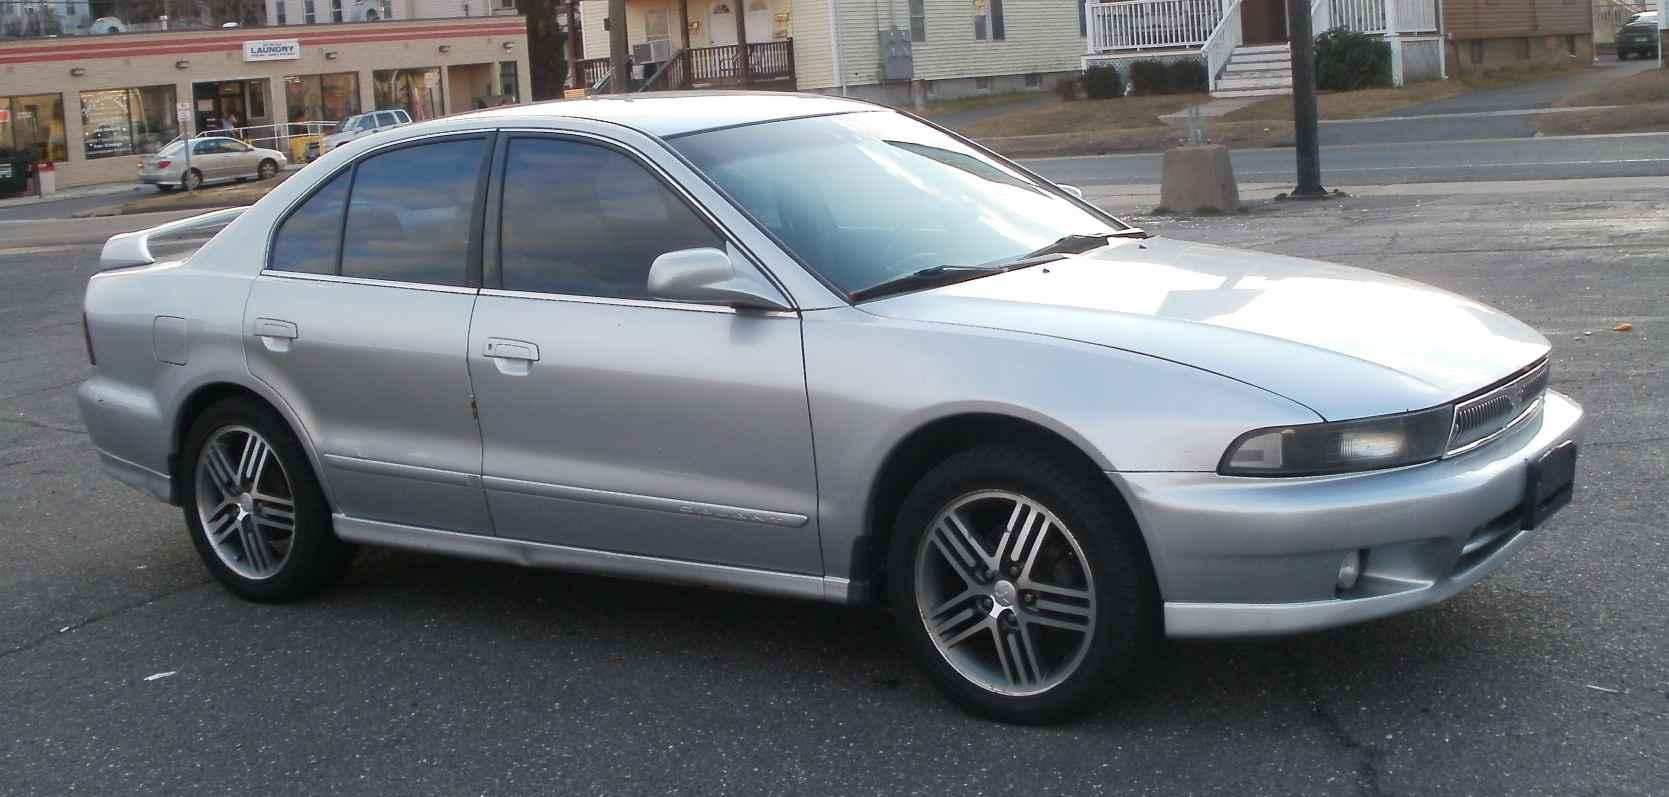 2001 Mitsubishi Galant Image 8